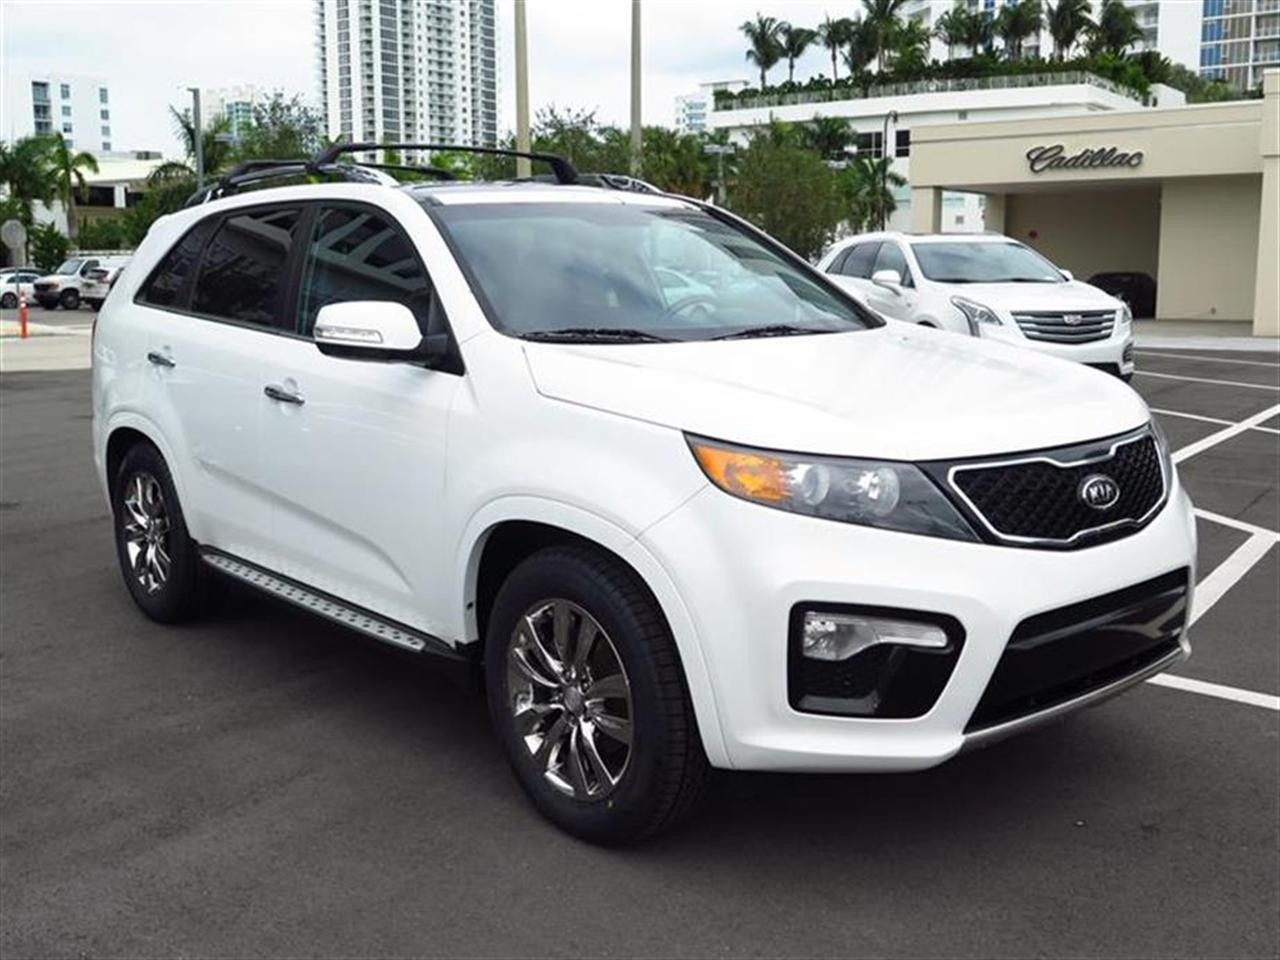 2012 KIA SORENTO 2WD 4dr V6 SX 42656 miles VIN 5XYKW4A21CG307254